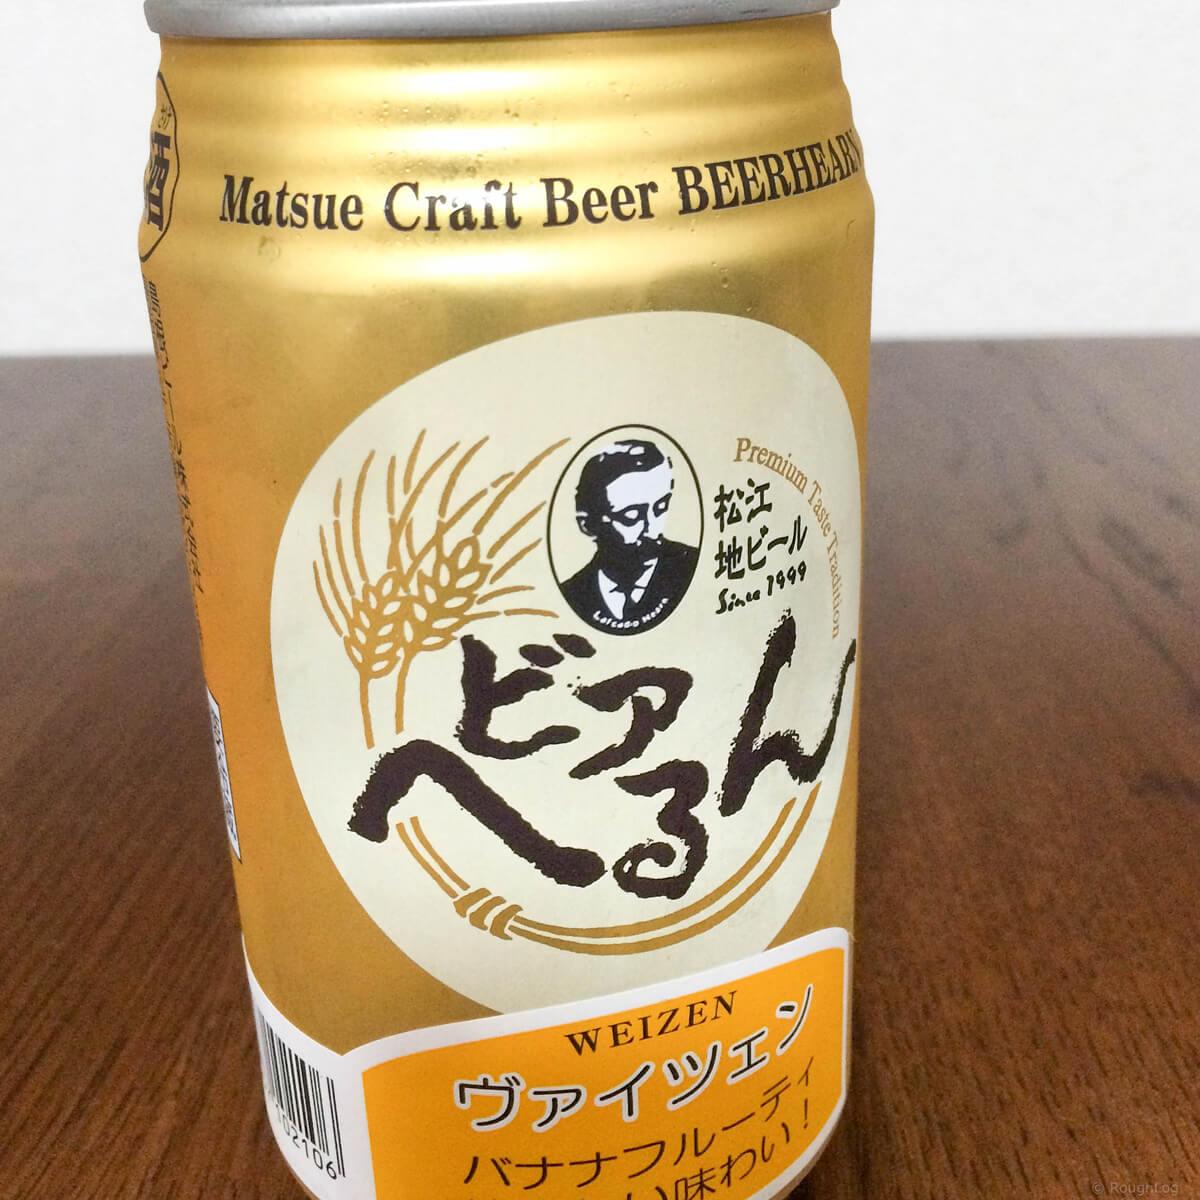 島根県の松江地ビール「ビアへるん ヴァイツェン」はバナナのようなフルーティーさで飲みやすい。